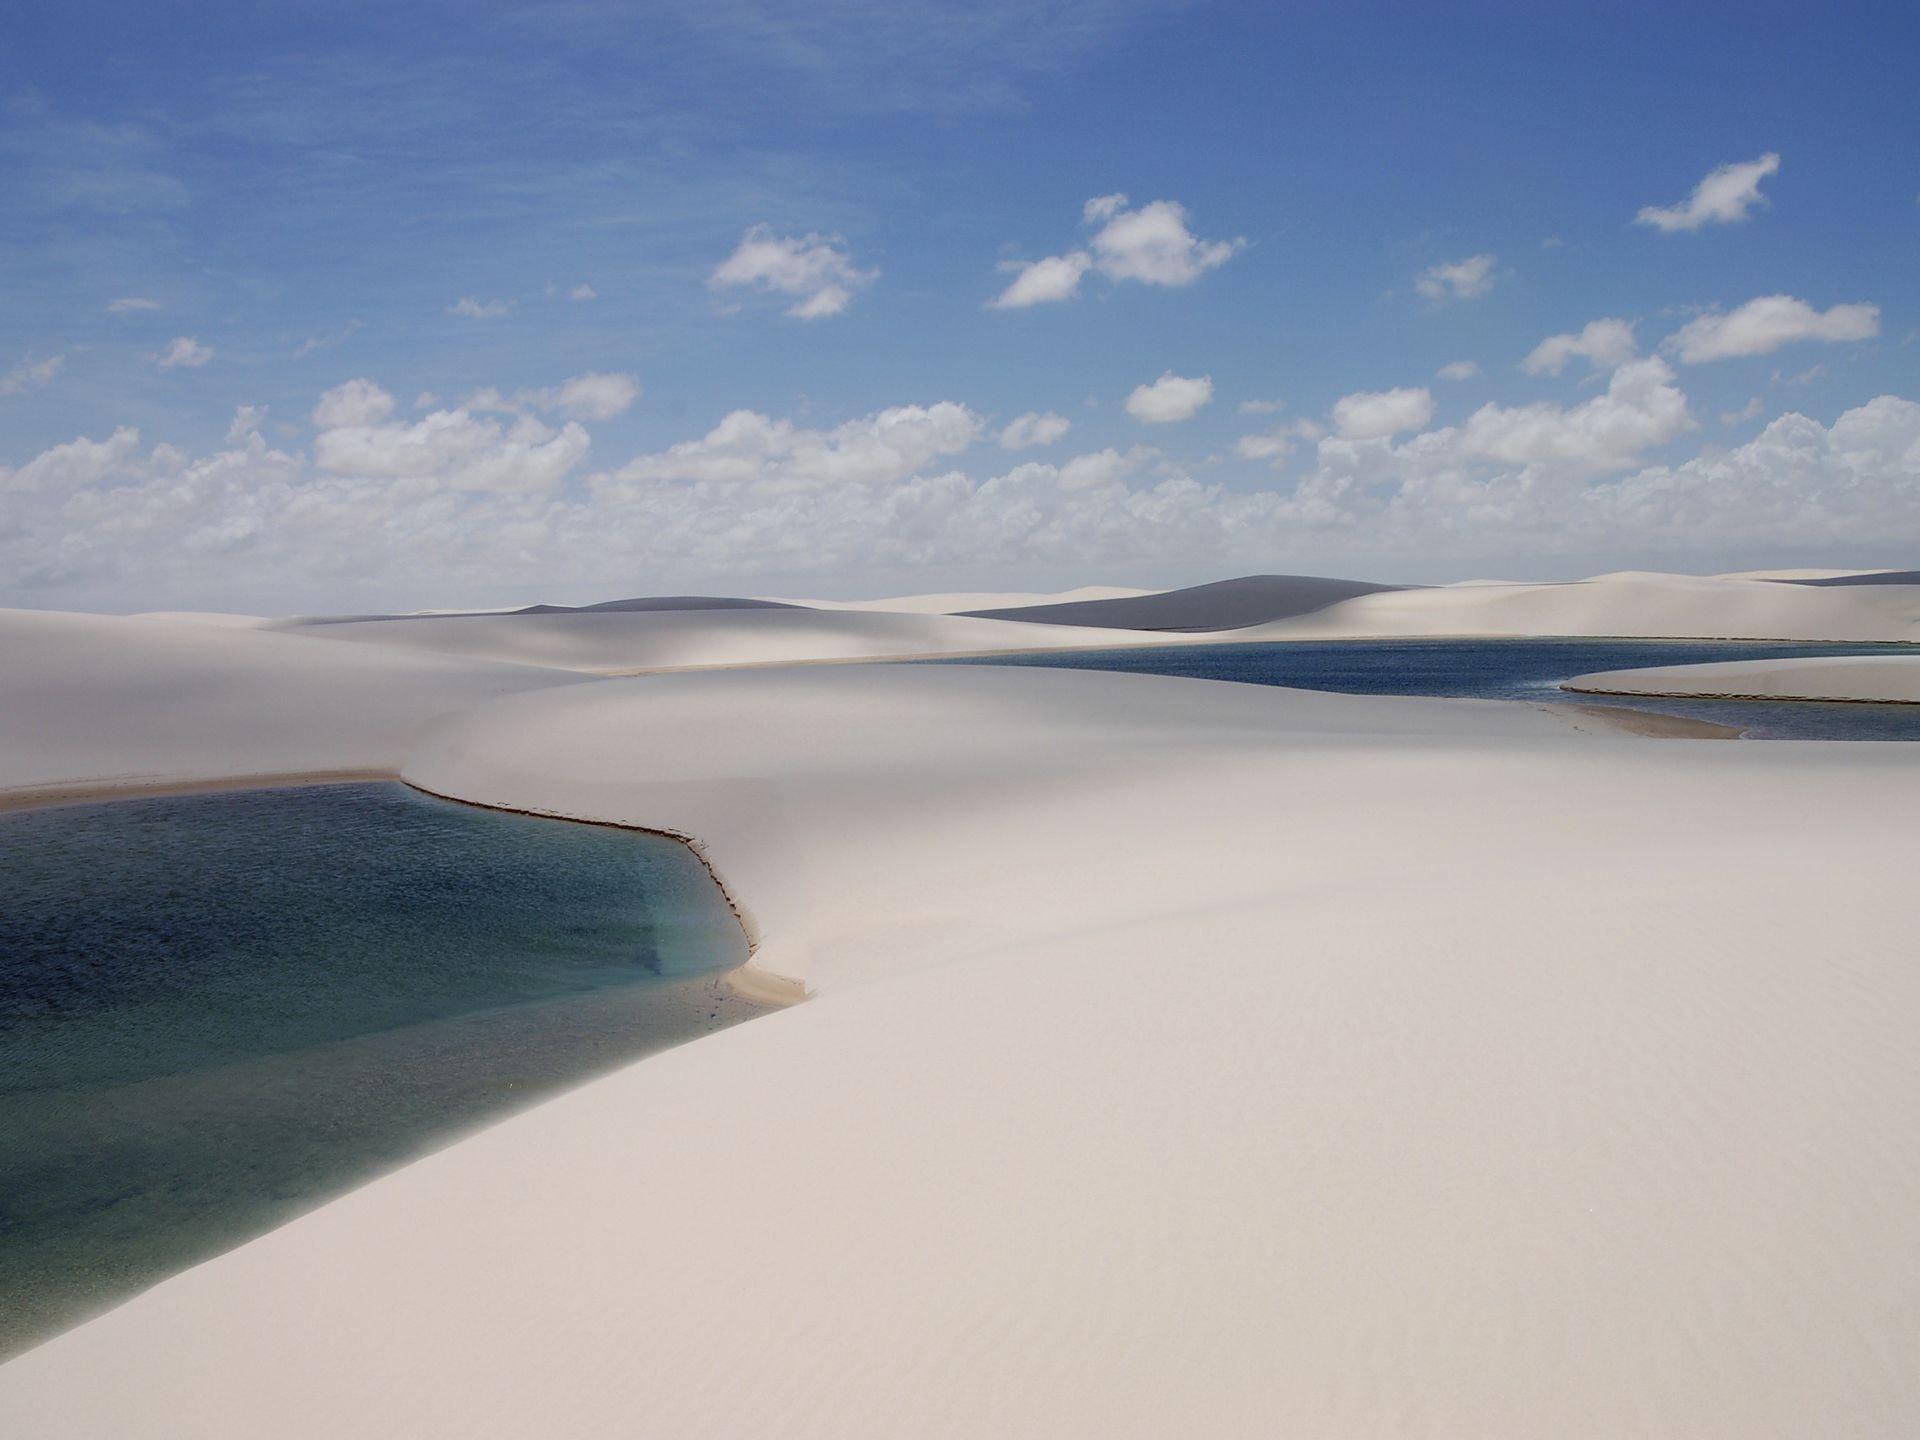 Những điểm đến hấp dẫn ở brazil qua 45 bức ảnh p1